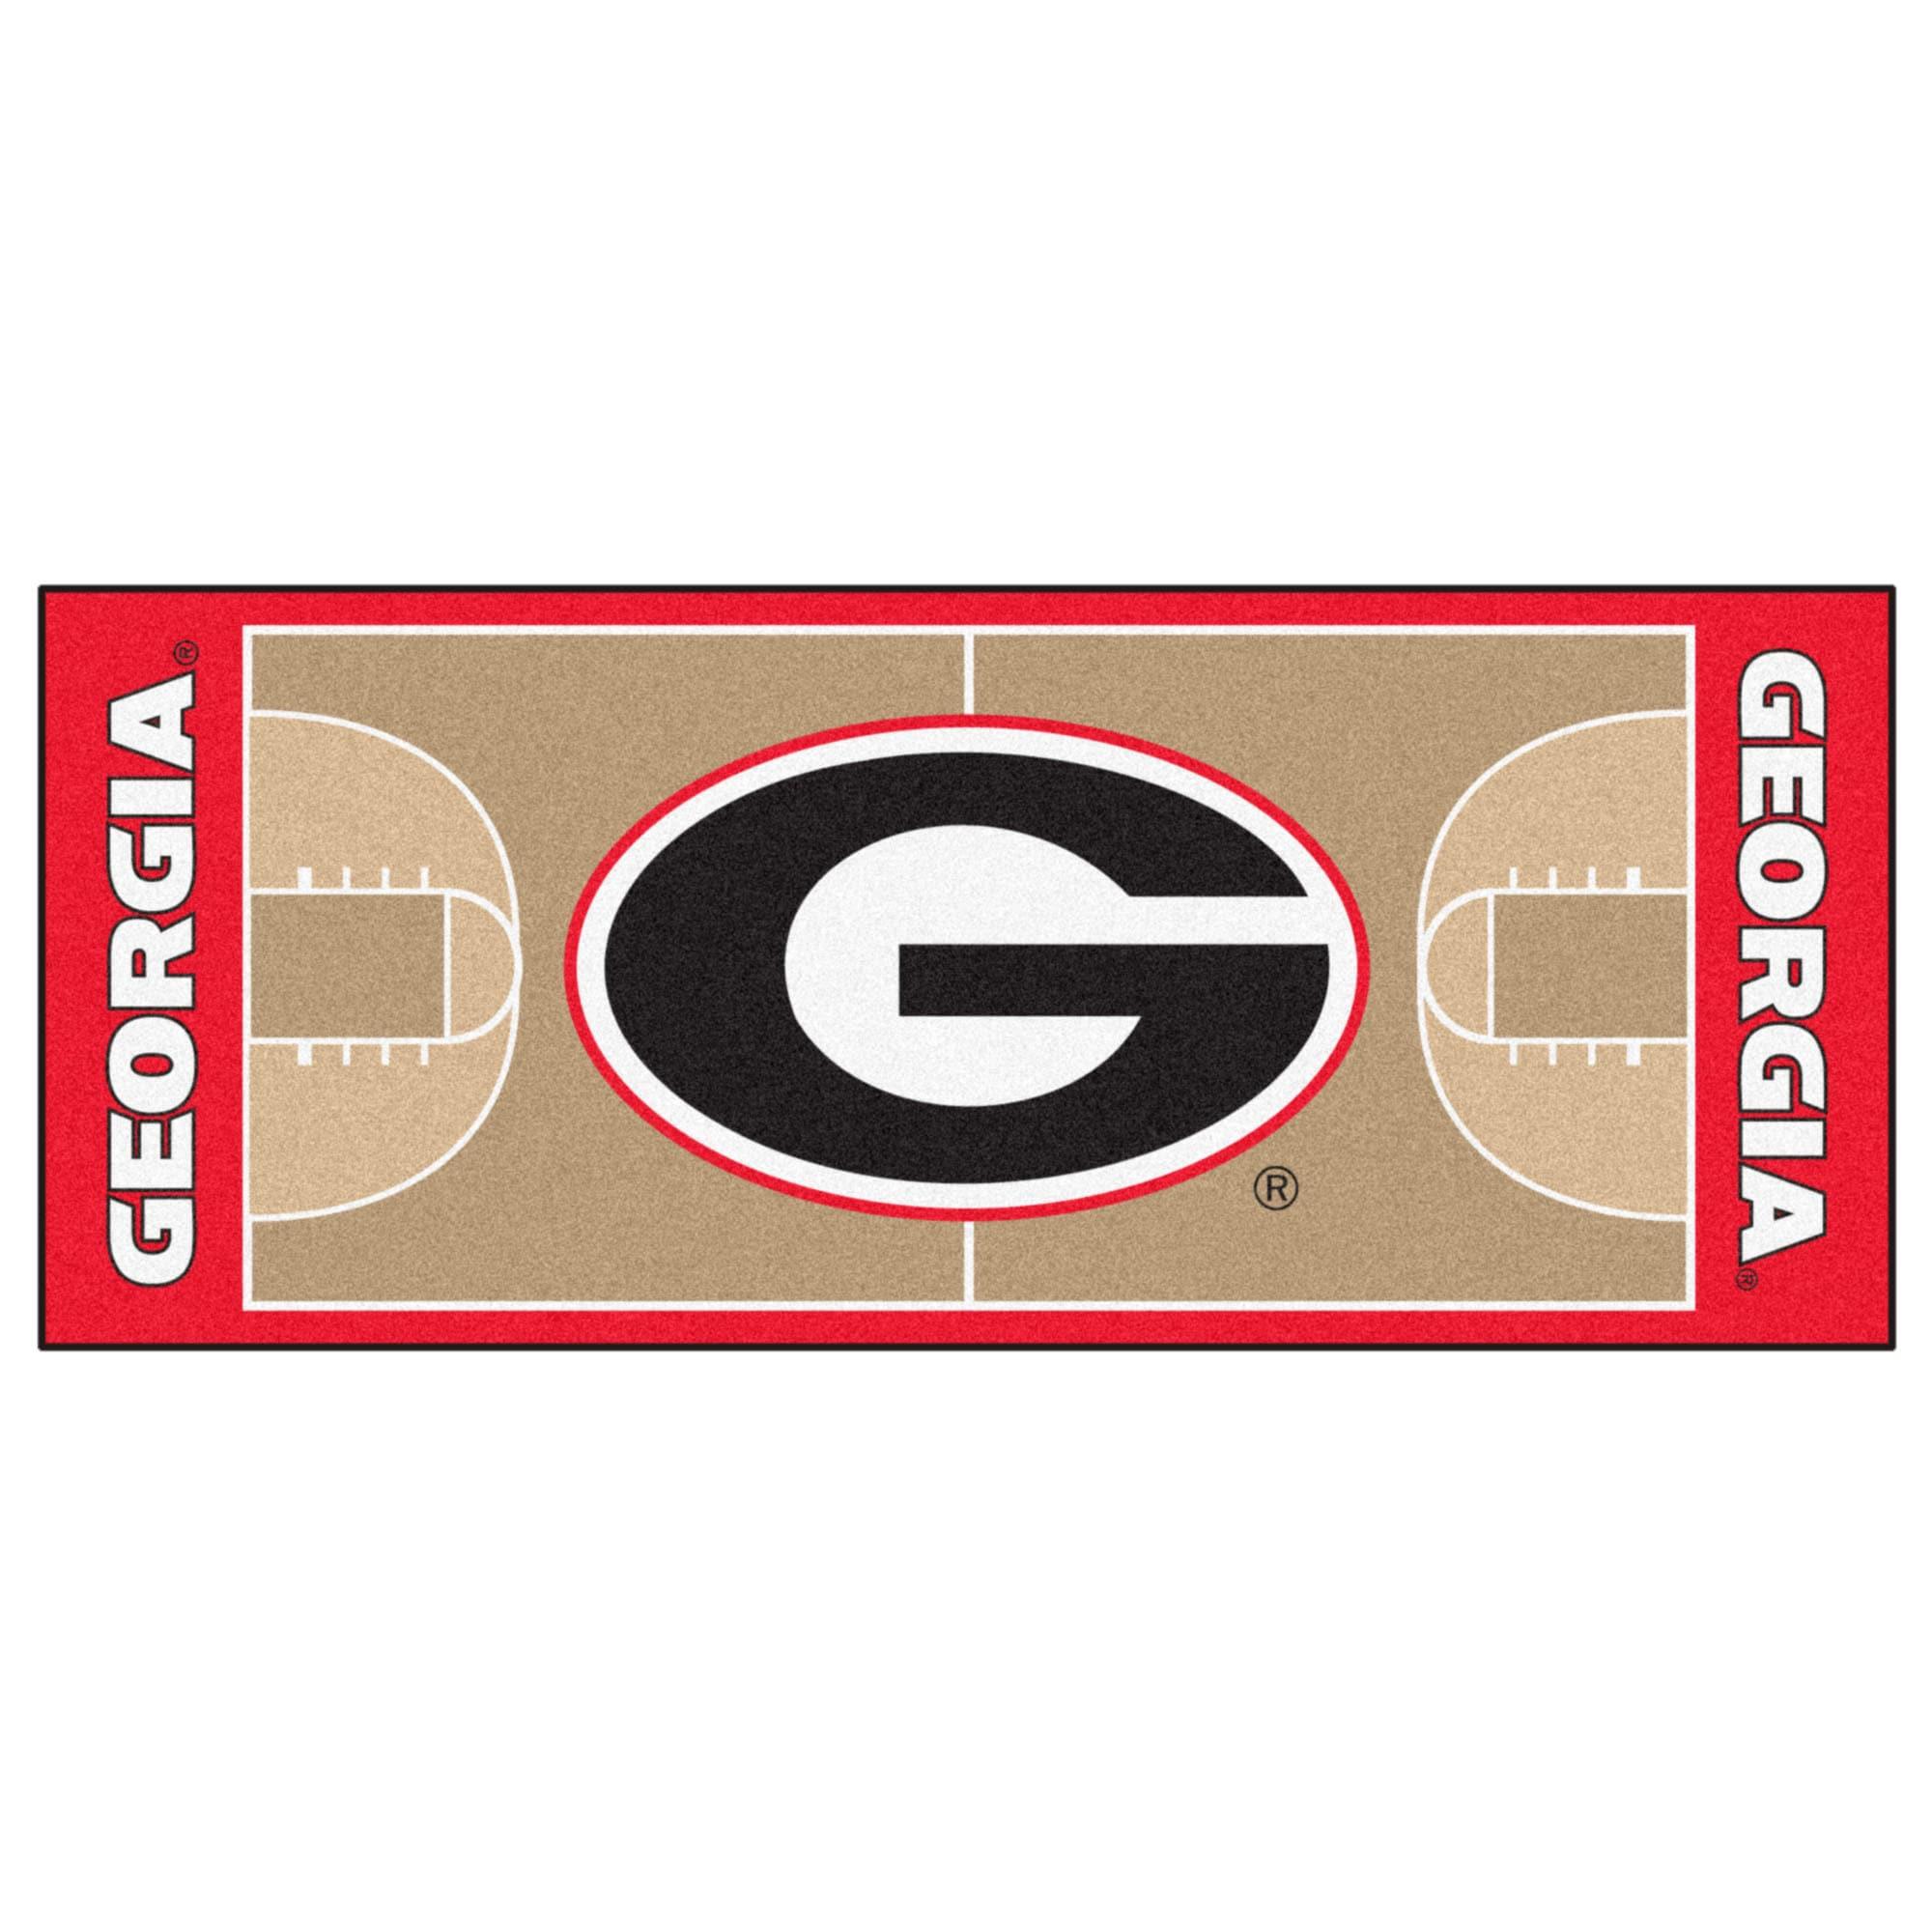 Fan Mats University of Florida Gators Basketball Court Runner